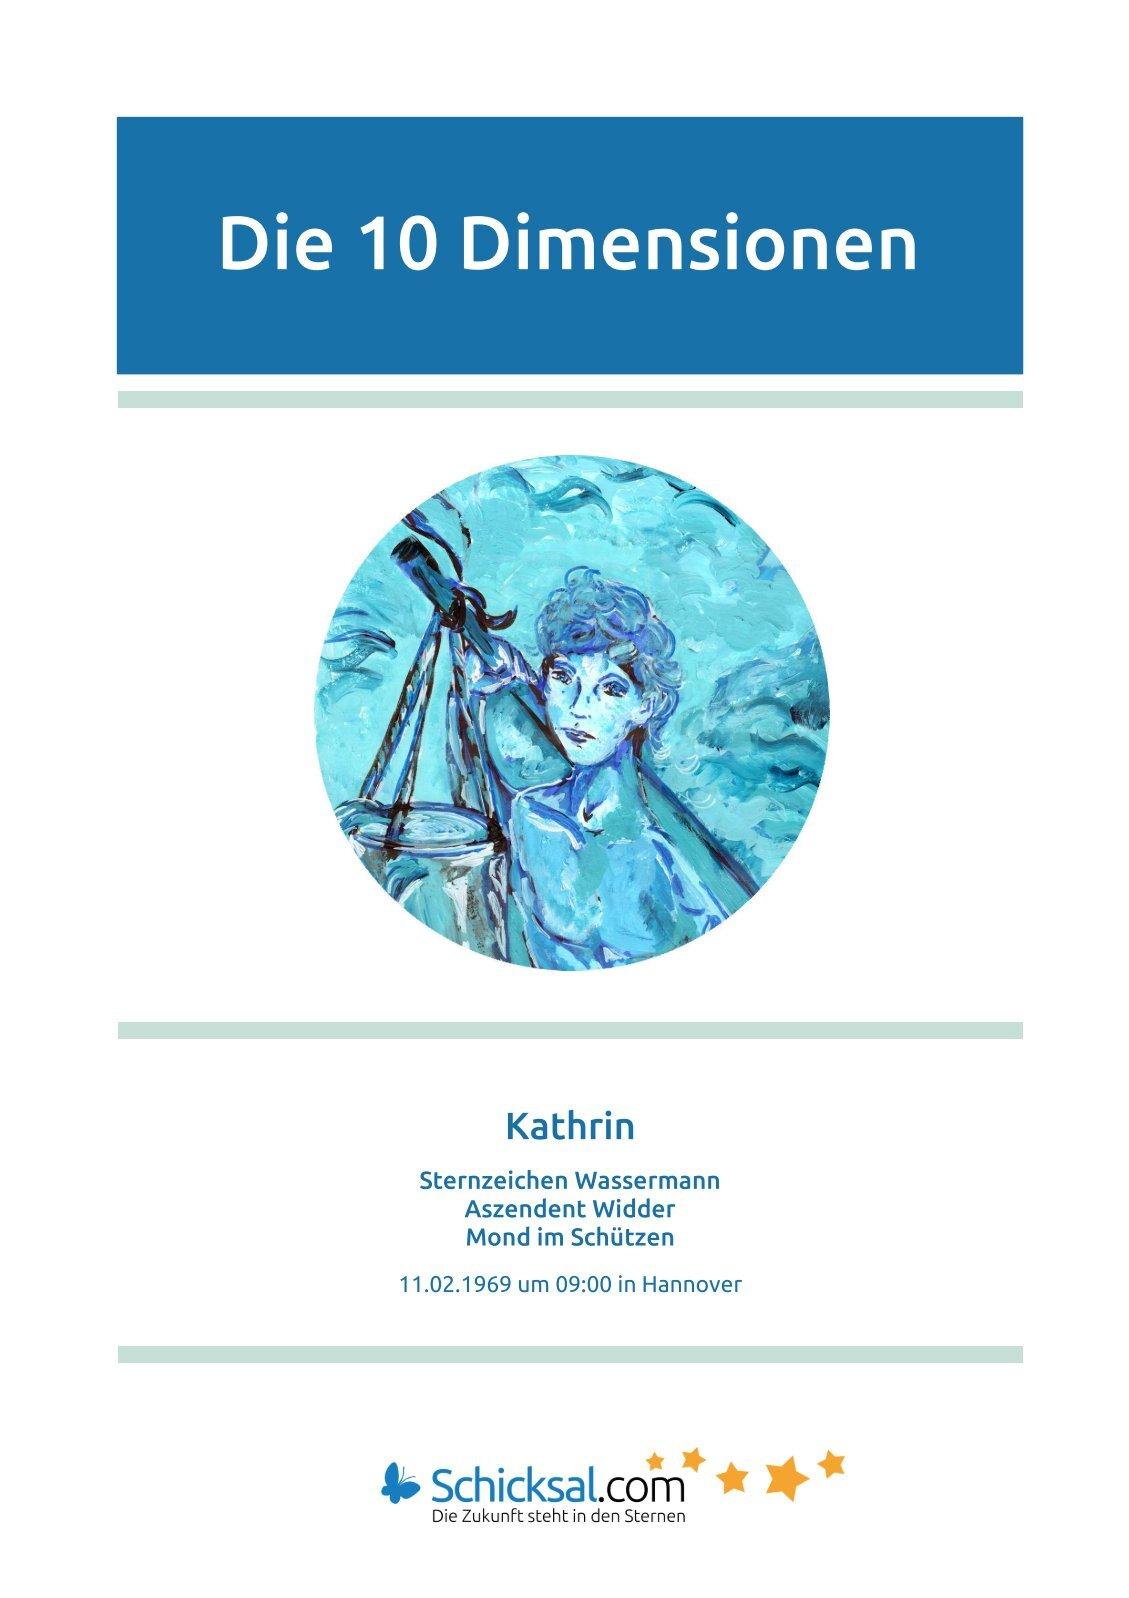 Wassermann - Die 10 Dimensionen - Horoskop